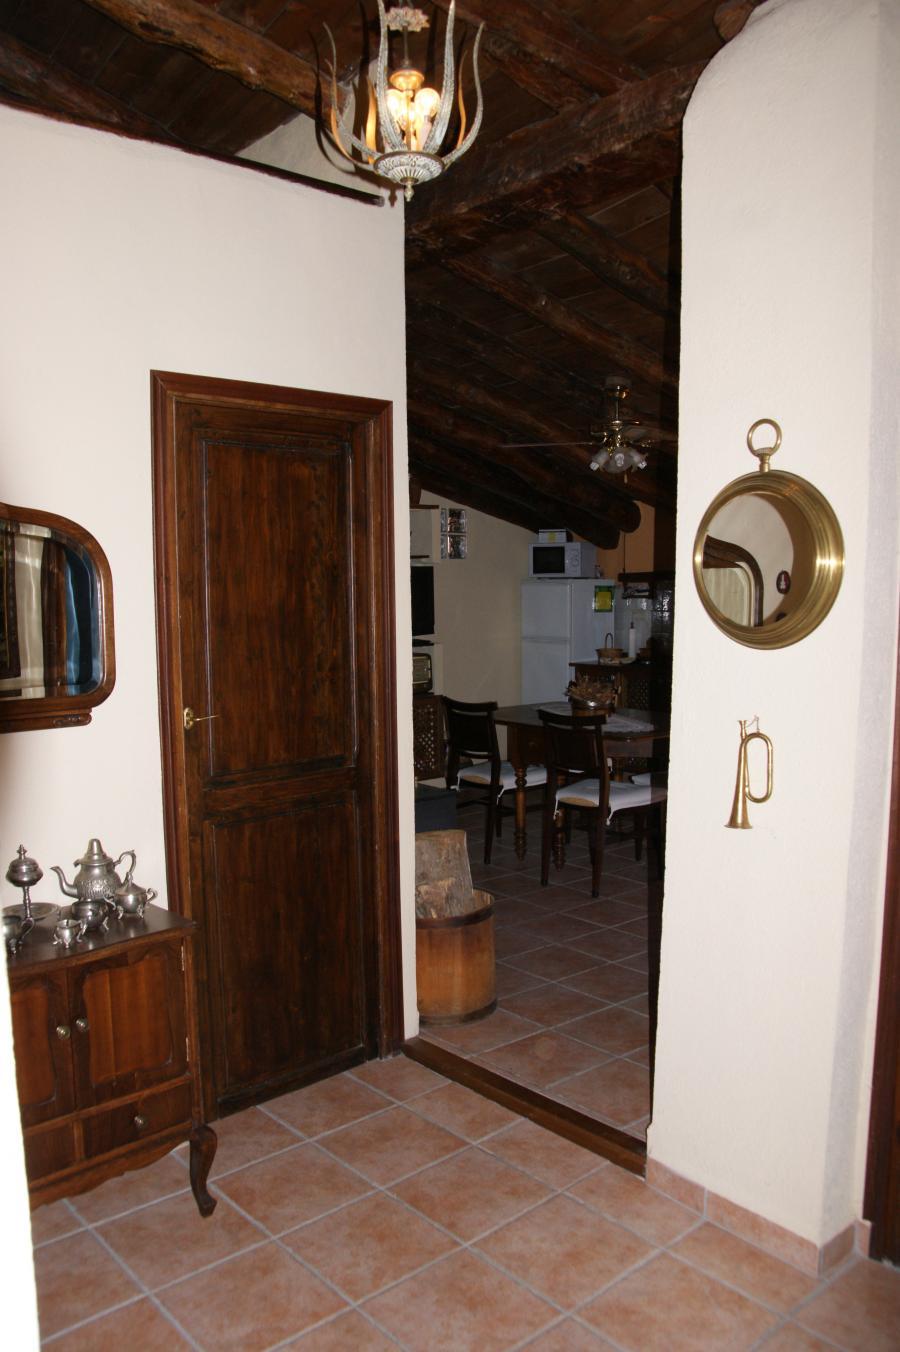 Casa, Luco de Bordón, 44563